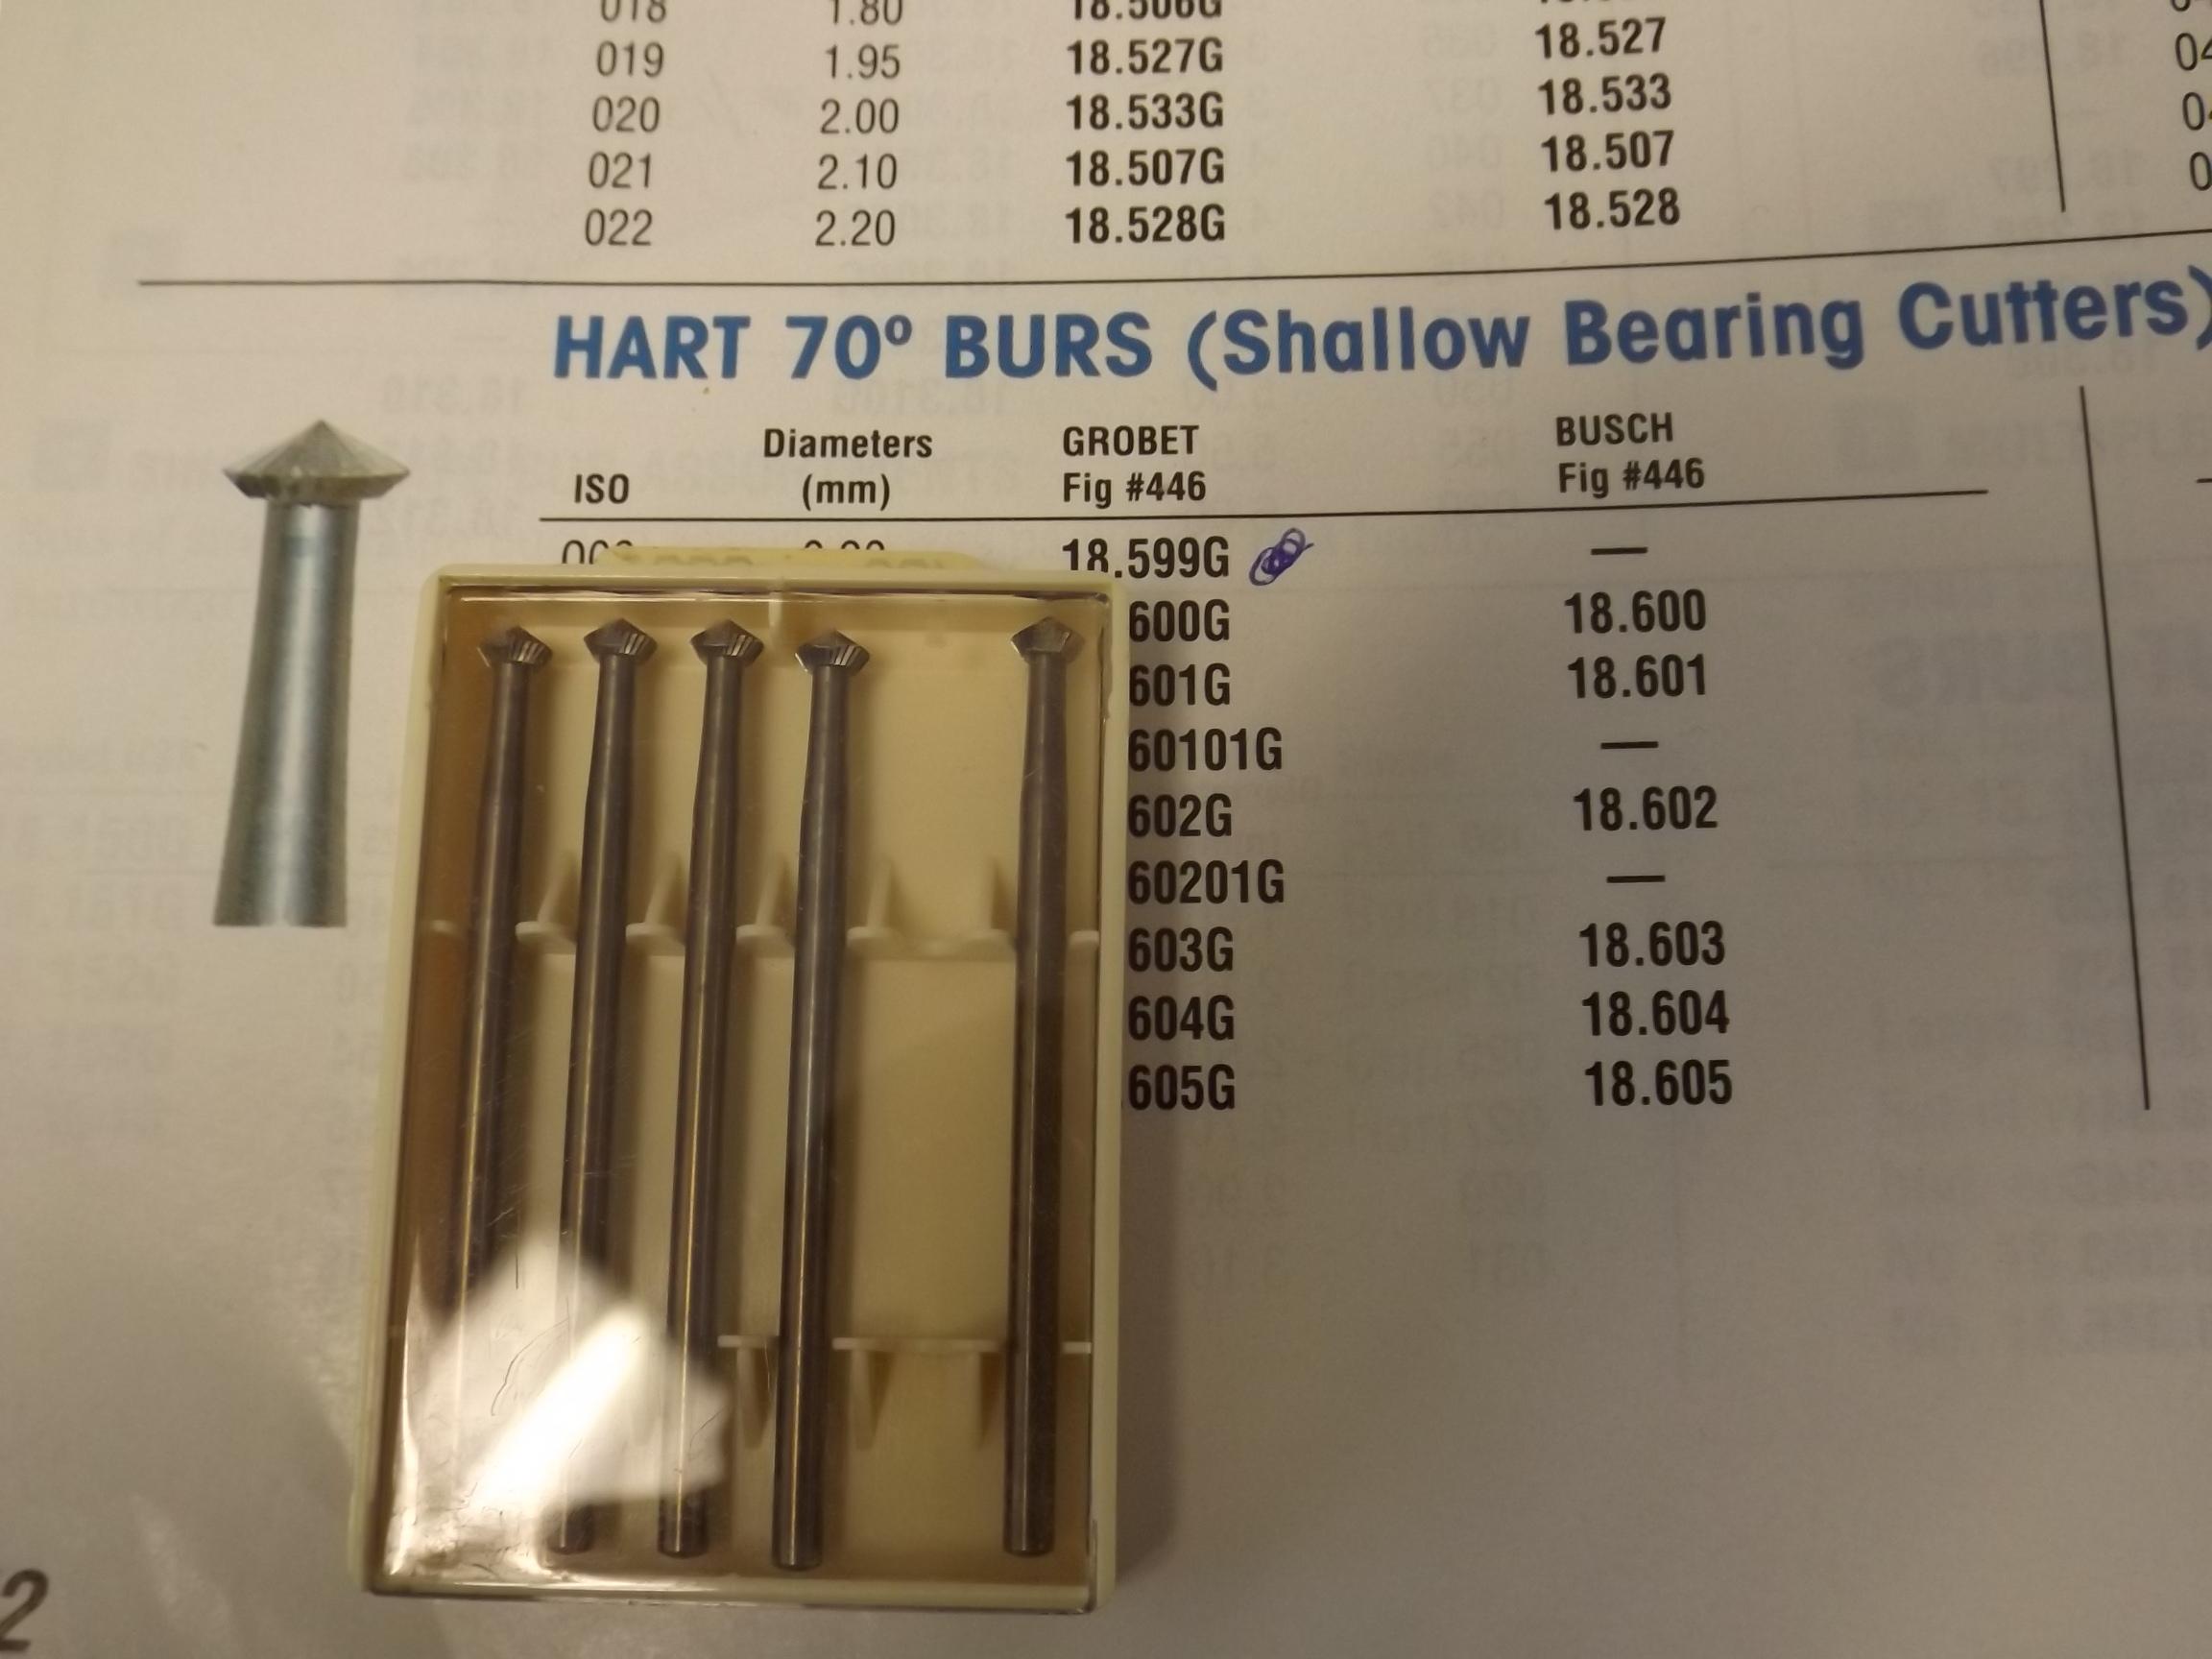 BR446/6 Grobet Brand Bur, 70° Hart, Fig. 446, Size 018- # 18.604